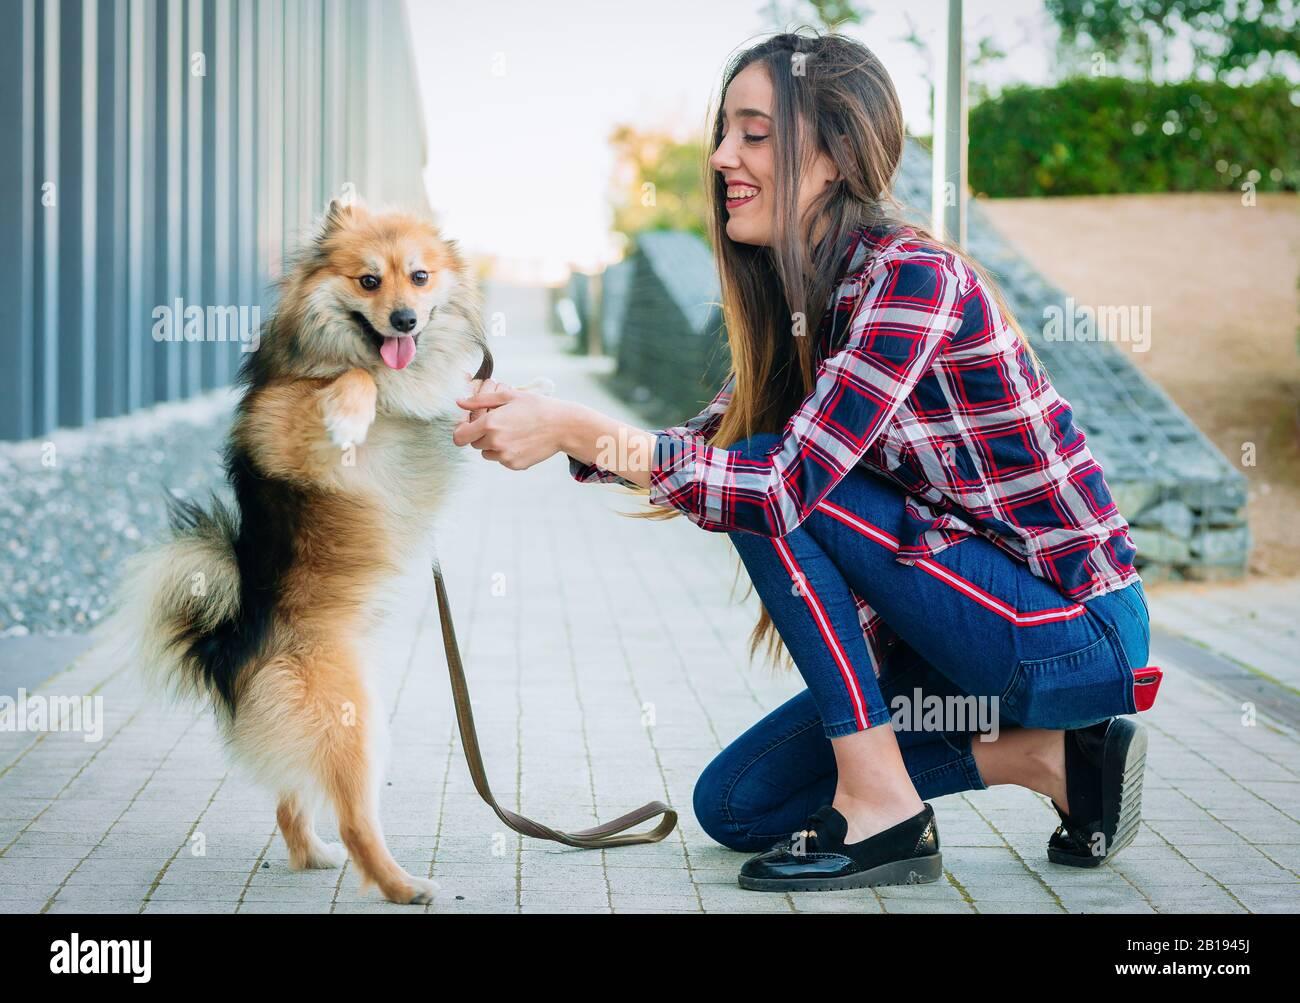 Glückliche Frau mit stehendem Hund Stockfoto